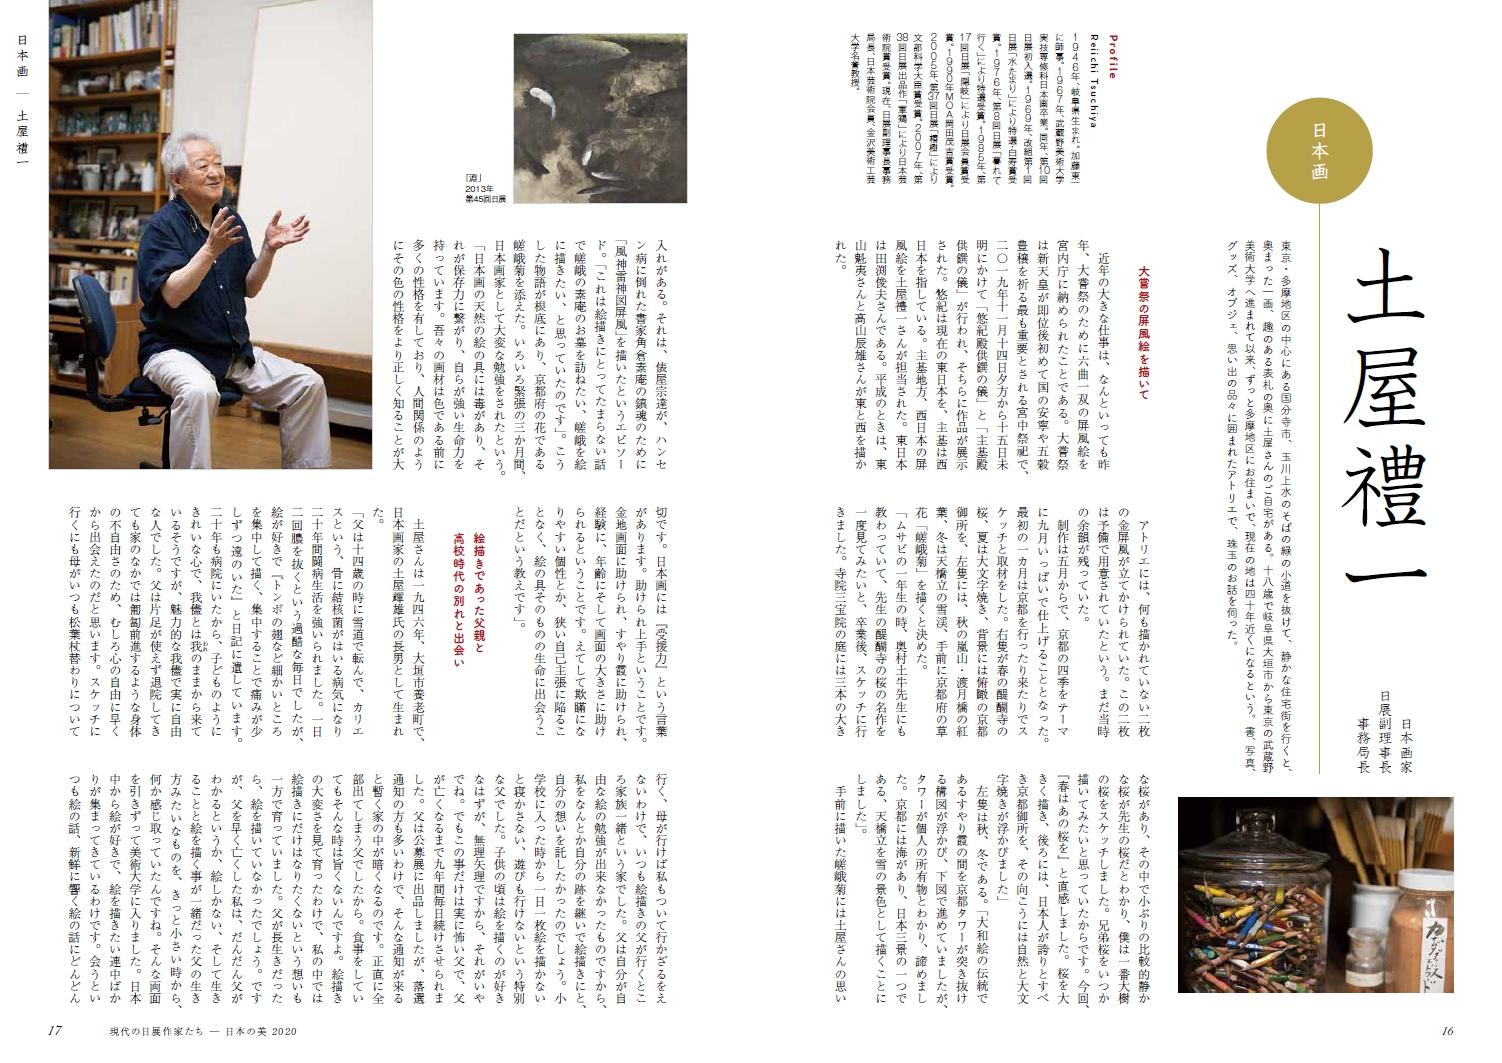 【日展作家インタビュー】</br>現代の日展作家たち ― 日本の美 2020